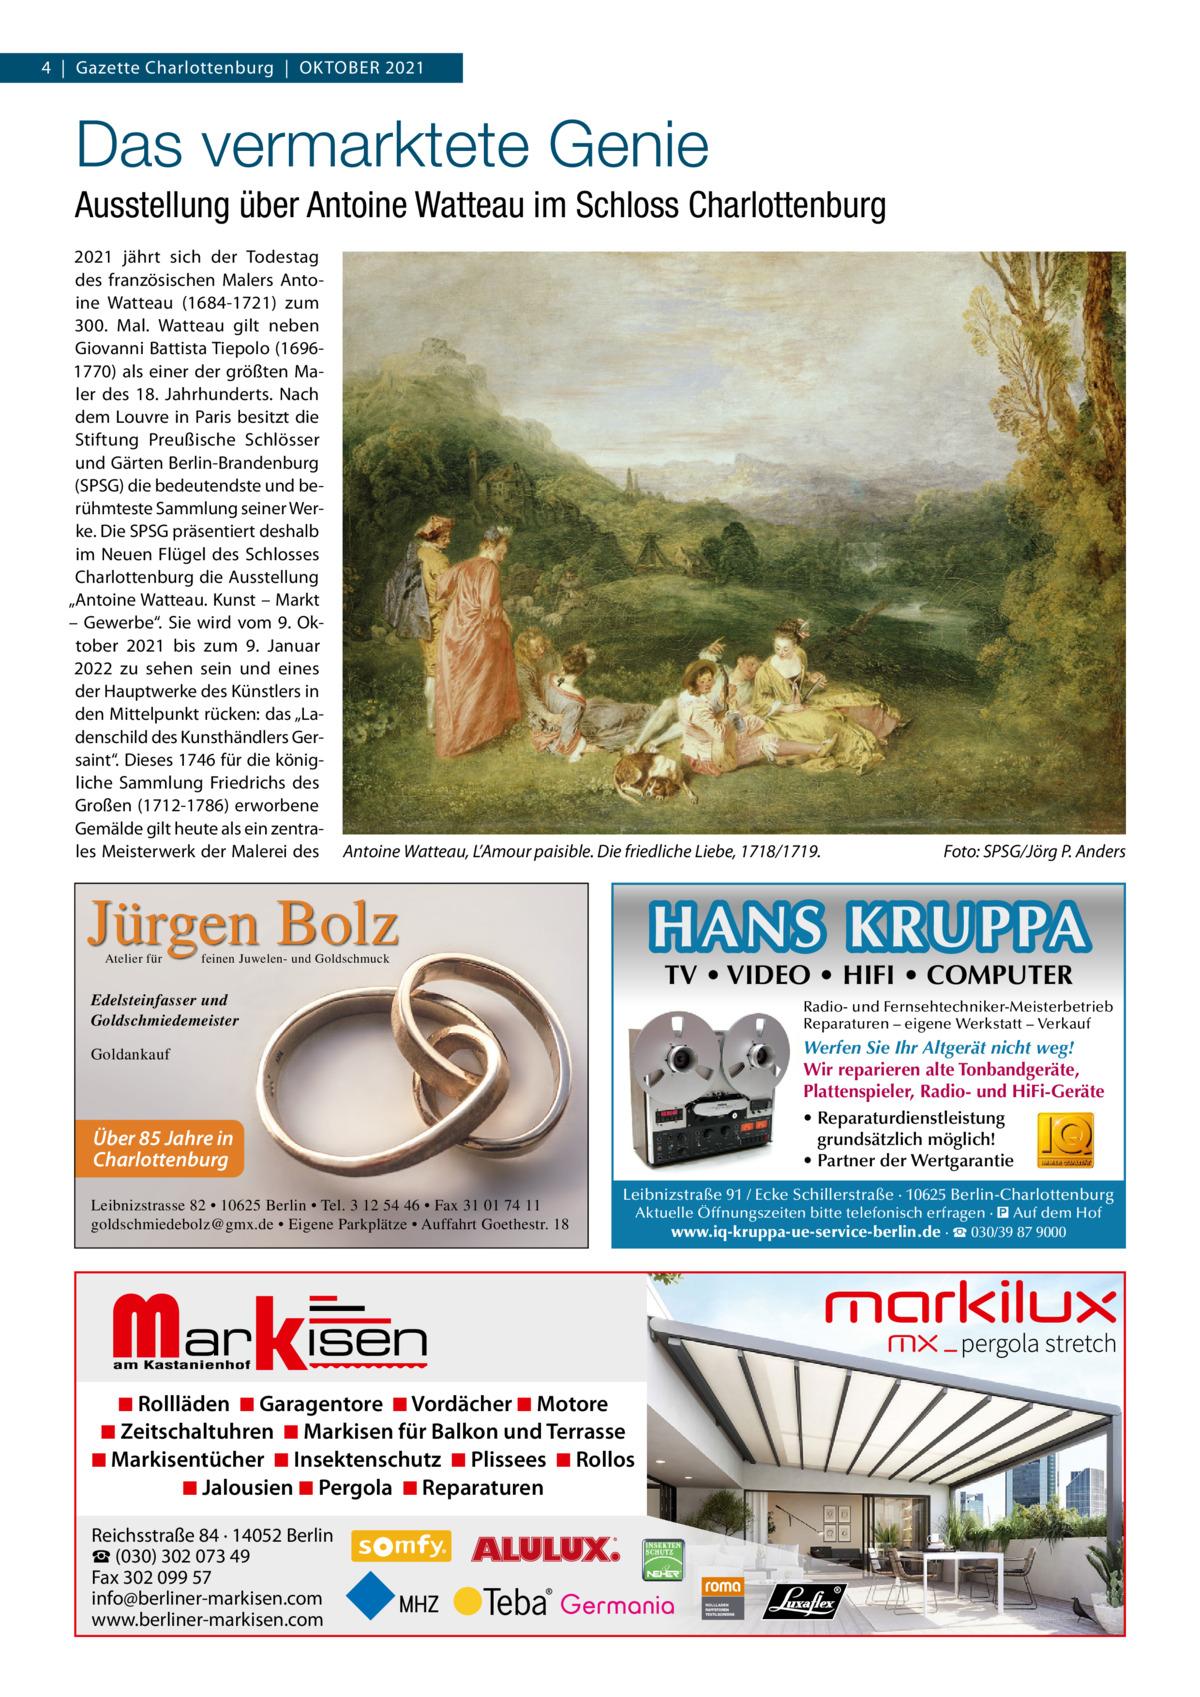 """4 Gazette Charlottenburg OktOber 2021  Das vermarktete Genie Ausstellung über Antoine Watteau im Schloss Charlottenburg 2021 jährt sich der todestag des französischen Malers Antoine Watteau (1684-1721) zum 300. Mal. Watteau gilt neben Giovanni battista tiepolo (16961770) als einer der größten Maler des 18. Jahrhunderts. Nach dem Louvre in Paris besitzt die Stiftung Preußische Schlösser und Gärten berlin-brandenburg (SPSG) die bedeutendste und berühmteste Sammlung seiner Werke. Die SPSG präsentiert deshalb im Neuen Flügel des Schlosses Charlottenburg die Ausstellung """"Antoine Watteau. kunst – Markt – Gewerbe"""". Sie wird vom 9. Oktober 2021 bis zum 9. Januar 2022 zu sehen sein und eines der Hauptwerke des künstlers in den Mittelpunkt rücken: das """"Ladenschild des kunsthändlers Gersaint"""". Dieses 1746 für die königliche Sammlung Friedrichs des Großen (1712-1786) erworbene Gemälde gilt heute als ein zentrales Meisterwerk der Malerei des  Antoine Watteau, L'Amour paisible. Die friedliche Liebe, 1718/1719.  Jürgen Bolz Atelier für  HANS KRUPPA  feinen Juwelen- und Goldschmuck  TV • VIDEO • HIFI • COMPUTER  Edelsteinfasser und Goldschmiedemeister  Radio- und Fernsehtechniker-Meisterbetrieb Reparaturen – eigene Werkstatt – Verkauf  Werfen Sie Ihr Altgerät nicht weg! Wir reparieren alte Tonbandgeräte, Plattenspieler, Radio- und HiFi-Geräte • Reparaturdienstleistung grundsätzlich möglich! • Partner der Wertgarantie  Goldankauf  Über 85 Jahre in Charlottenburg Leibnizstrasse 82 • 10625 Berlin • Tel. 3 12 54 46 • Fax 31 01 74 11 goldschmiedebolz@gmx.de • Eigene Parkplätze • Auffahrt Goethestr. 18  Markisen  Leibnizstraße 91 / Ecke Schillerstraße · 10625 Berlin-Charlottenburg  ◾ Rollläden ◾ Garagentore ◾ Vordächer ◾ Motore ◾ Zeitschaltuhren ◾ Markisen für Balkon und Terrasse ◾ Markisentücher ◾ Insektenschutz ◾ Plissees ◾ Rollos ◾ Jalousien ◾ Pergola ◾ Reparaturen Reichsstraße 84 · 14052 Berlin ☎ (030) 302 073 49 Fax 302 099 57 info@berliner-markisen.com www.berliner-markisen.com  Fo"""